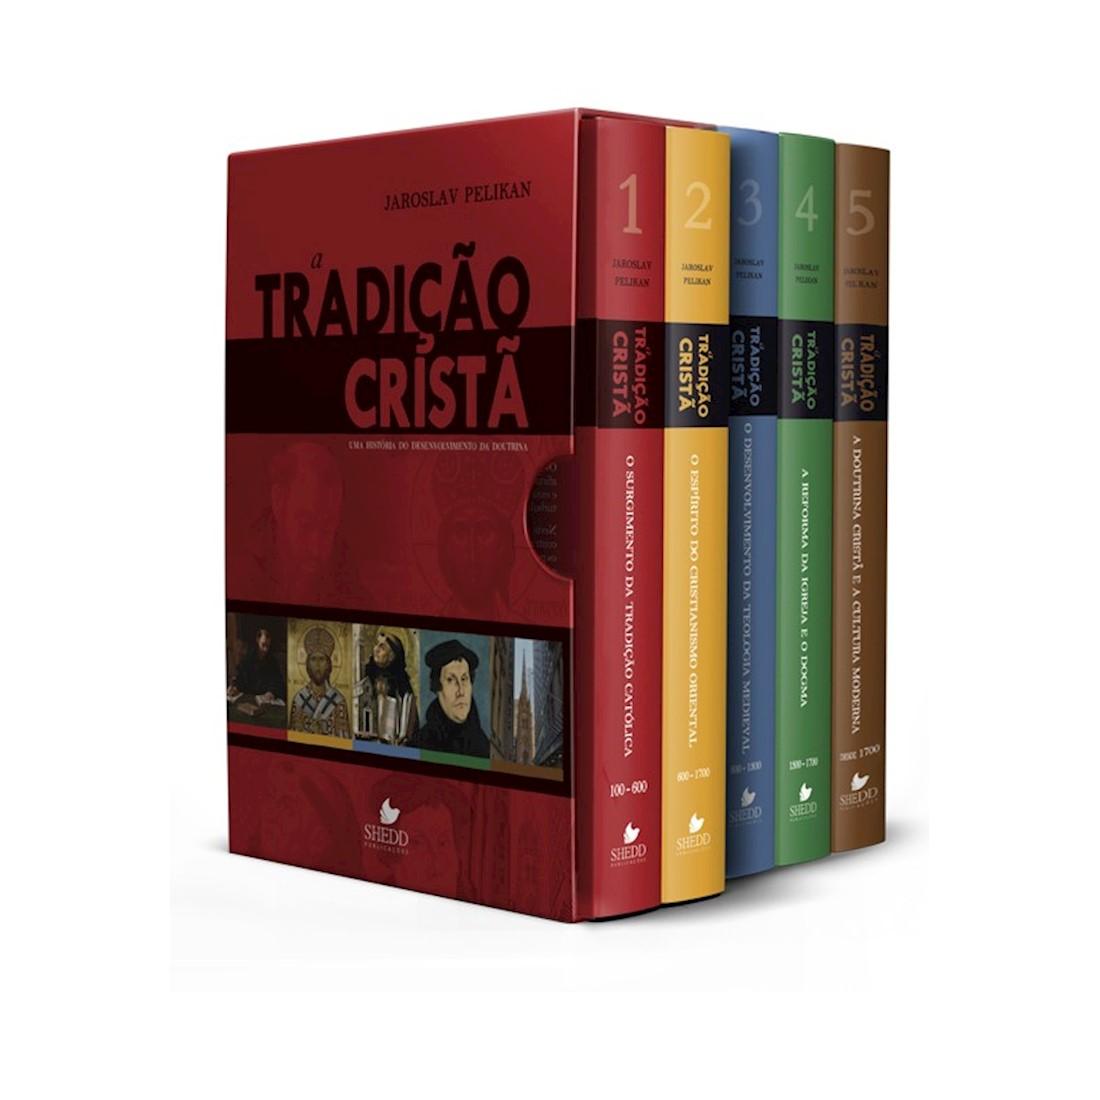 Box Tradição Cristã, A - Vols. 1 a 5